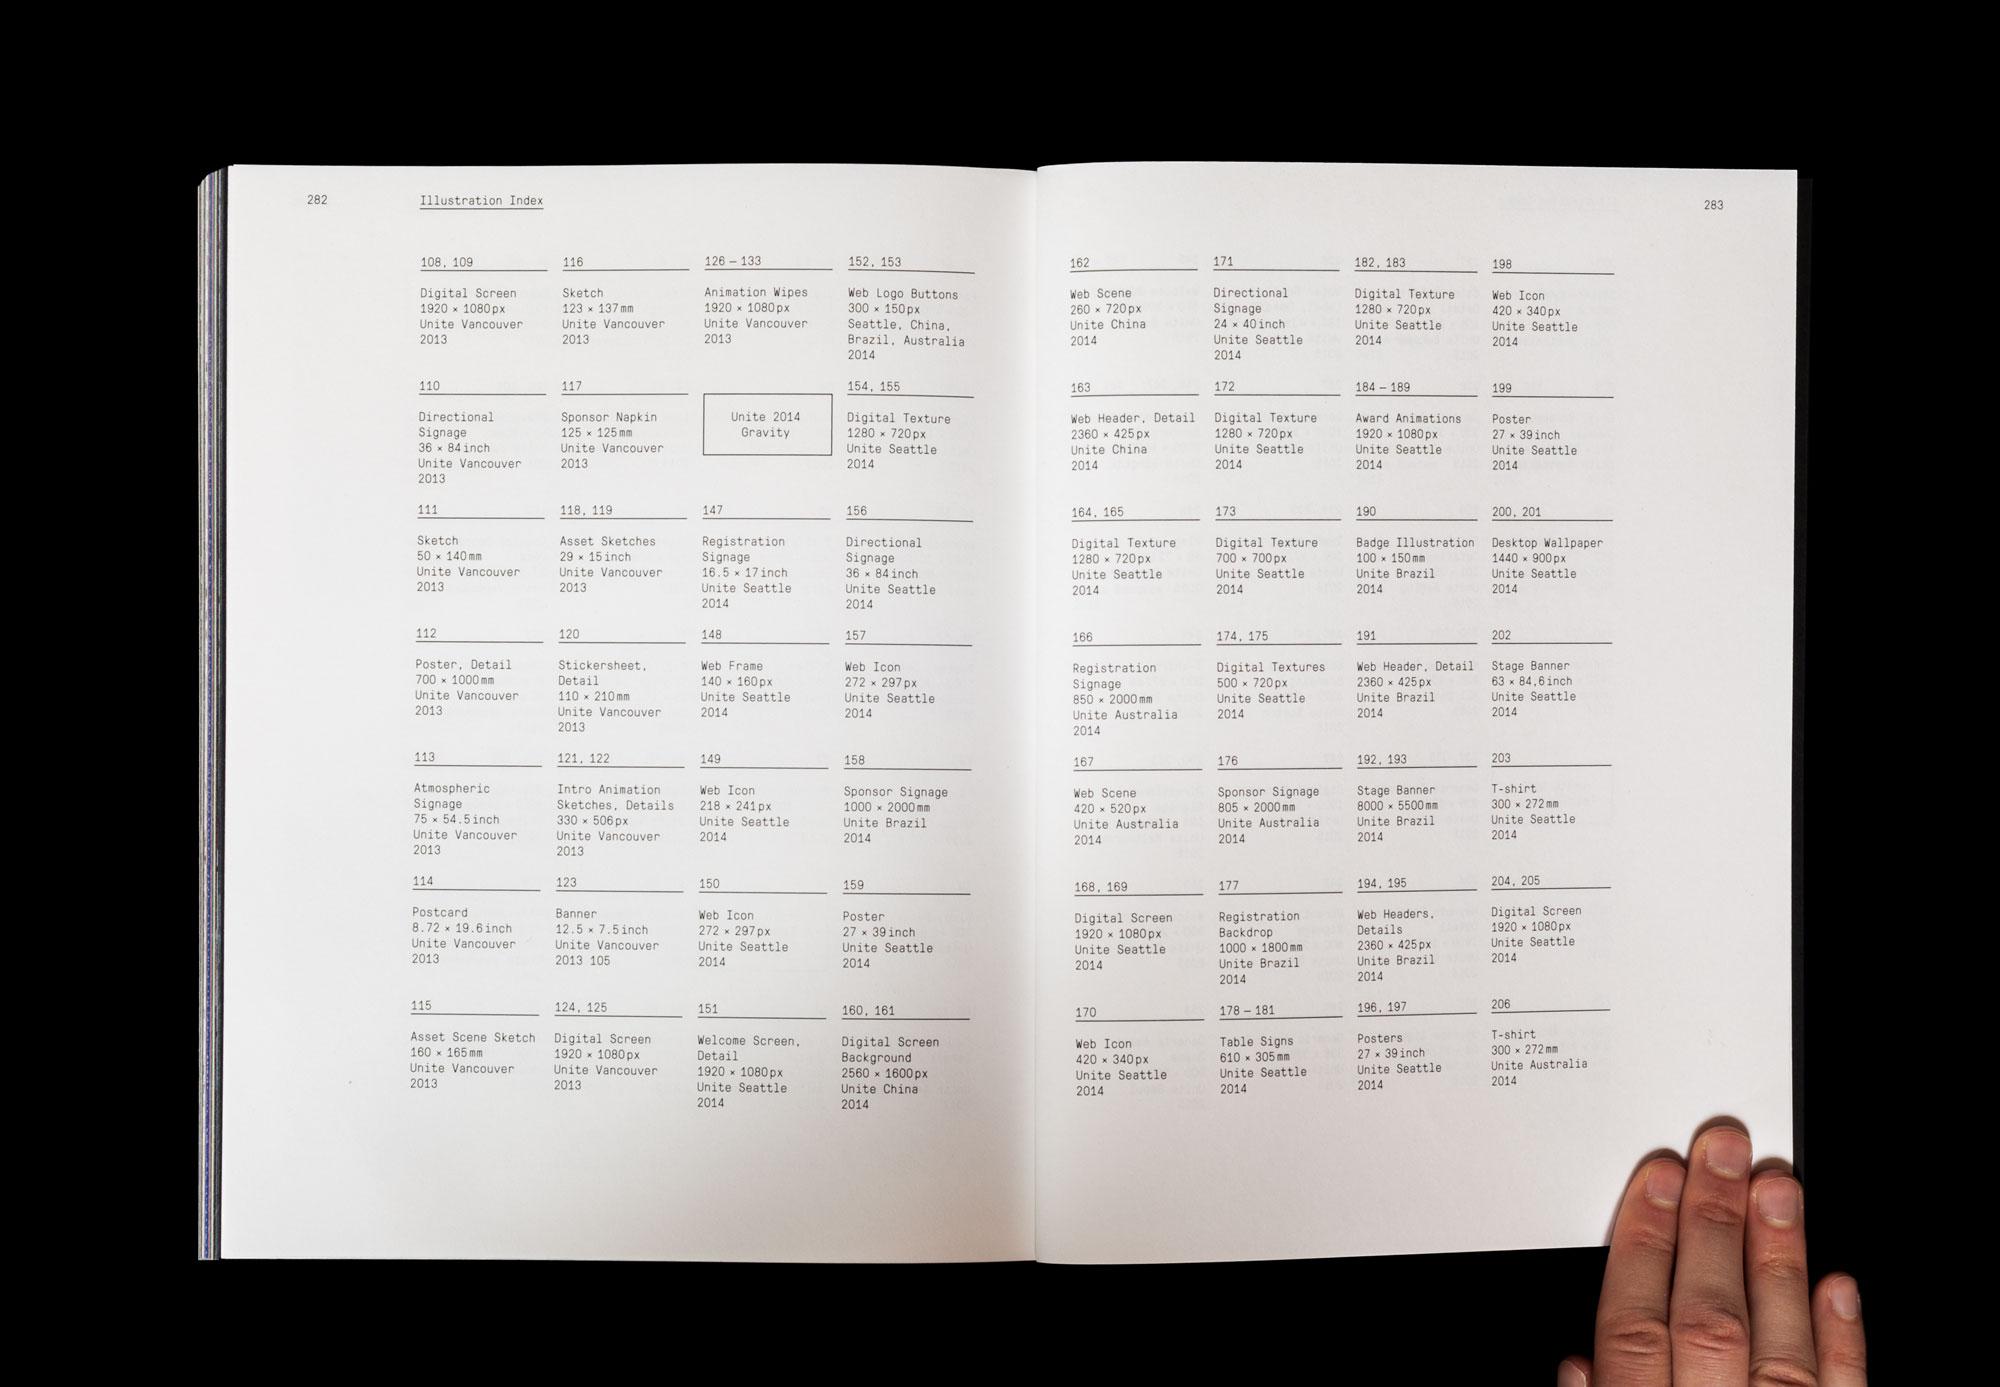 """Tools to Unite   de Studio Moniker kümmerte sich 4 Jahre lang um die visuelle Identität von Unite, einer weltweiten Entwickler Konferenz von Unity. Anstatt stur eine statische Identität umzusetzen entwickelte Moniker jedes Jahr ein neues interaktives Design-Tool, das die unendlichen Möglichkeiten der Unity Software reflektiert.Das Buch «Tools to Unite» macht erstmals die Konzepte und wunderbaren Ergebnisse dieser vier Design-Tools zugänglich.    en  Studio Moniker took for 4 years care of the graphic identity of Unite, a worldwide developer conference of Unity. Instead of applying a static identity rigidly they developed   each year a brand new interactive design tool to reflect the endless creative possibilities of the Unity software. The book """"Tools to Unite"""" shows the concepts and the wonderful output of these tools.   2016   Format:20.95 cm x 27.3 cm   Client:  Unity    Concept:  Moniker    Graphic design:  Moniker  ( Tereza Ruller  and Philip Bührer)    Texts: David Helgason,  Moniker    Proofreading: Philip Baber   Image editing:  Daniël Maarleveld"""